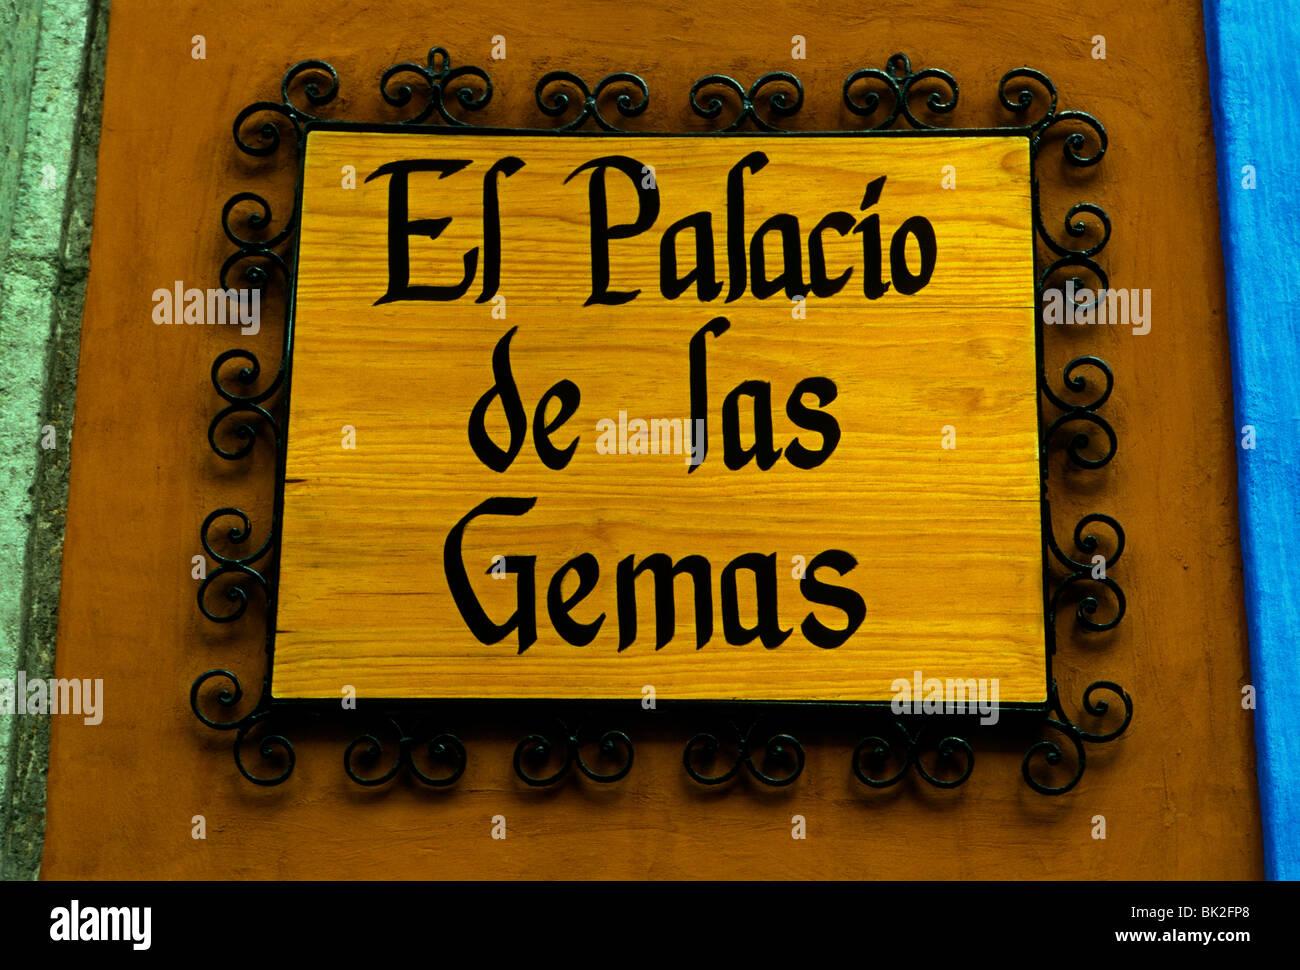 El Palacio de las gemas, joyería, Calle Macedenio Alcala, Calle Alcalá, ciudad capital, Oaxaca de Juárez, Oaxaca, Oaxaca, México Foto de stock